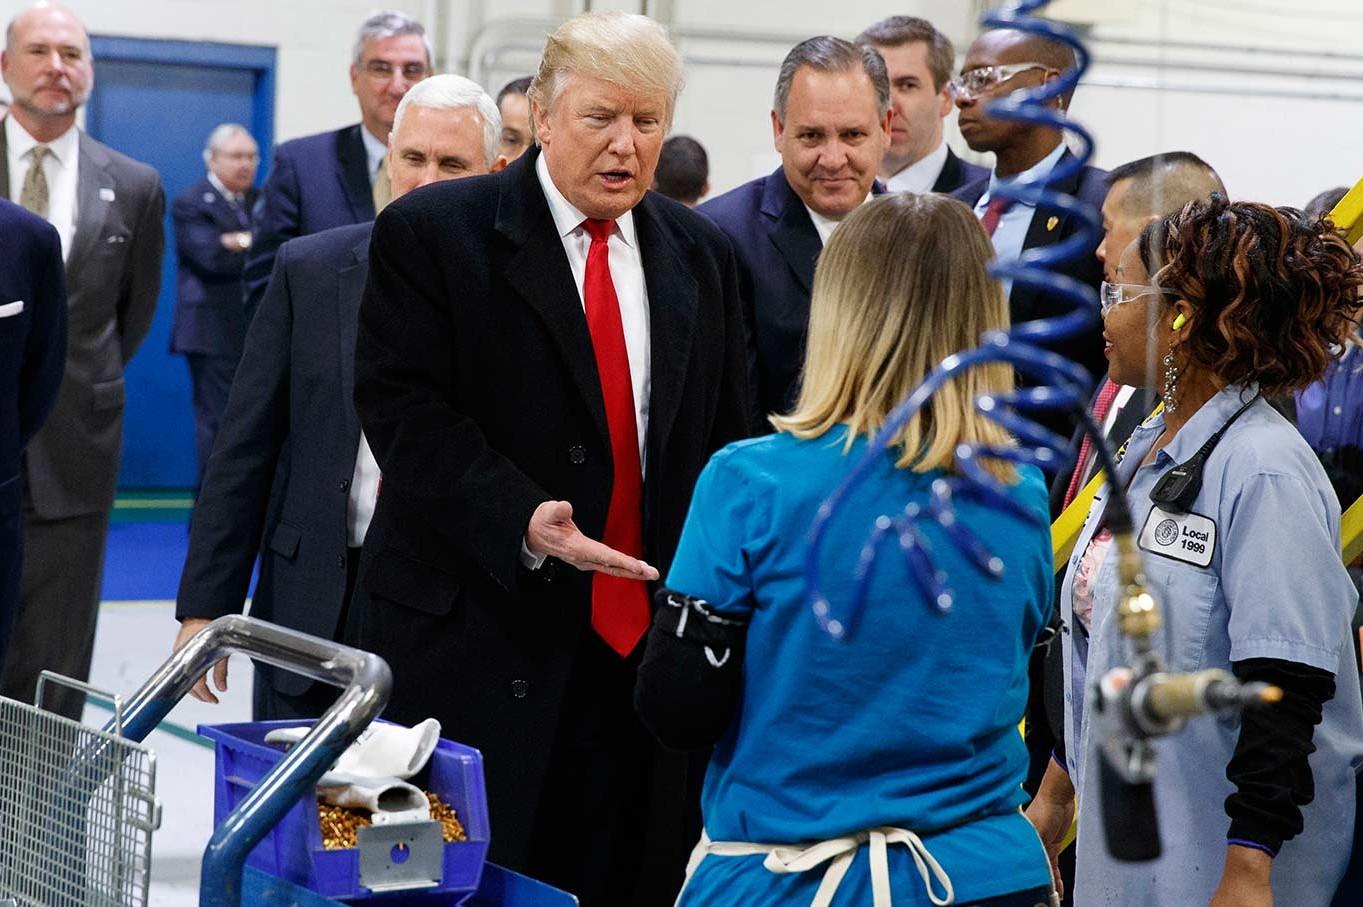 Američki predsednik Donald Tramp pozdravlja radnike tokom posete jednoj fabrici u Indijanapolisu, 01. decembar 2016. (Foto: AP Photo/Evan Vucci)